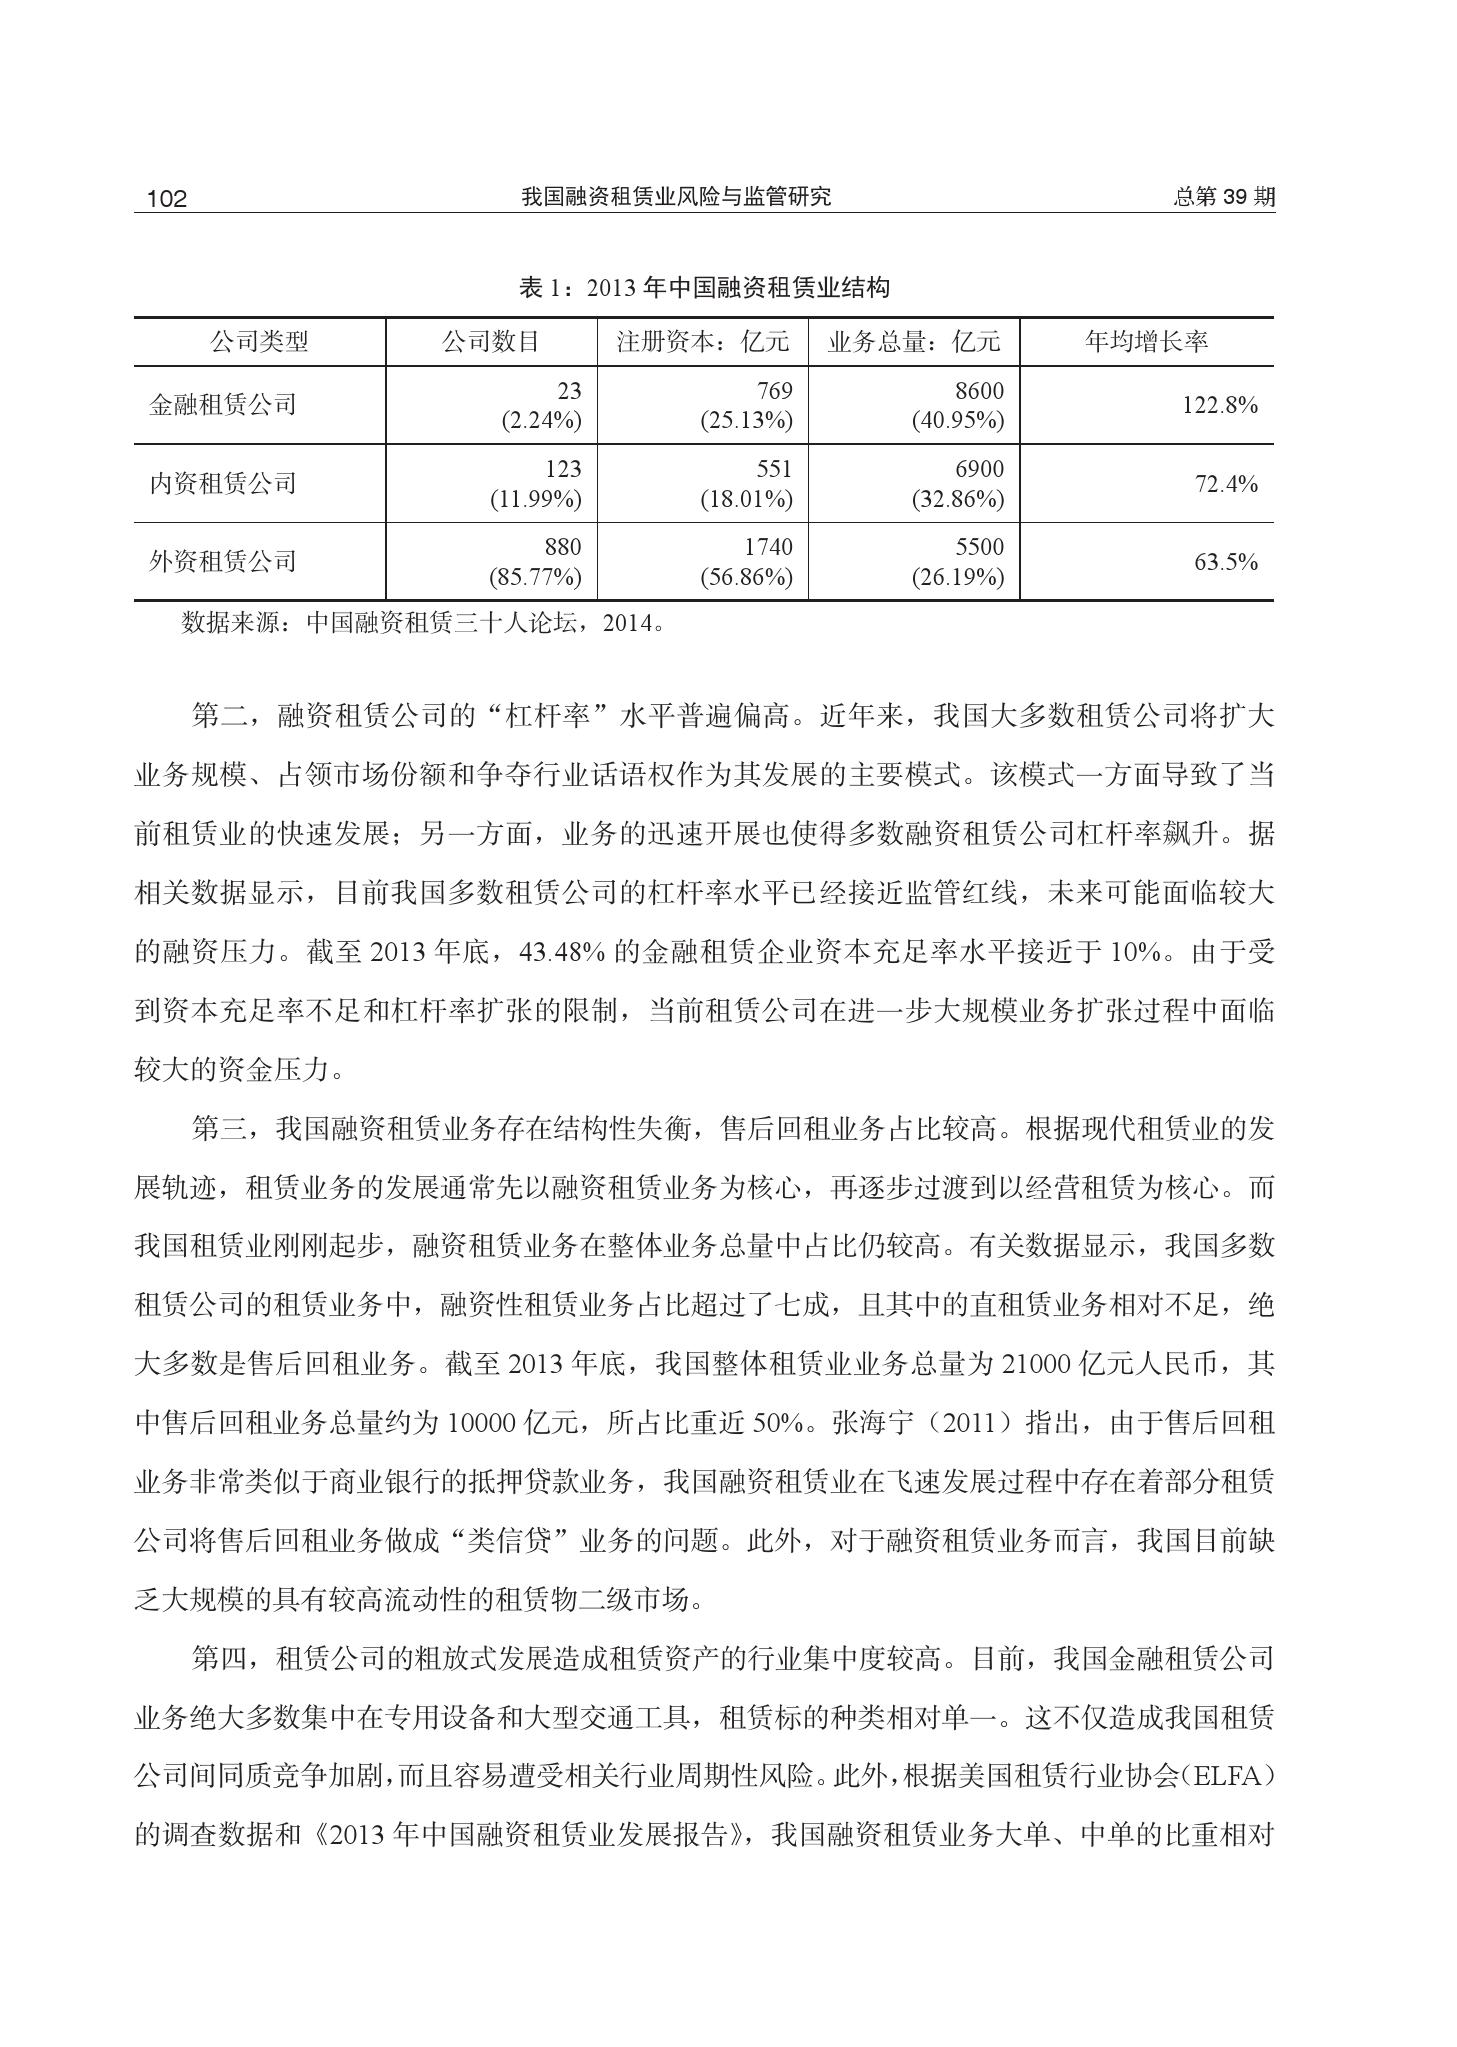 我国融资租赁业风险与监管研究_000004